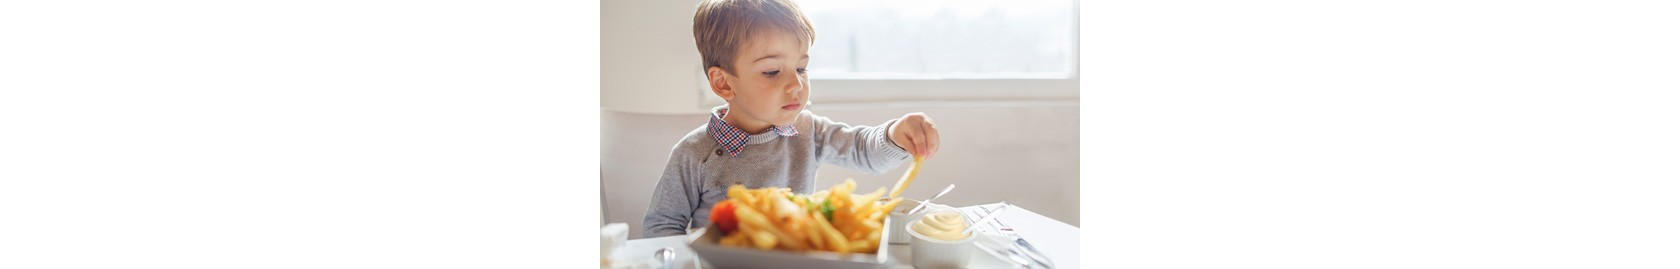 junge mit grauem pullover sitzt am tisch und isst pommes